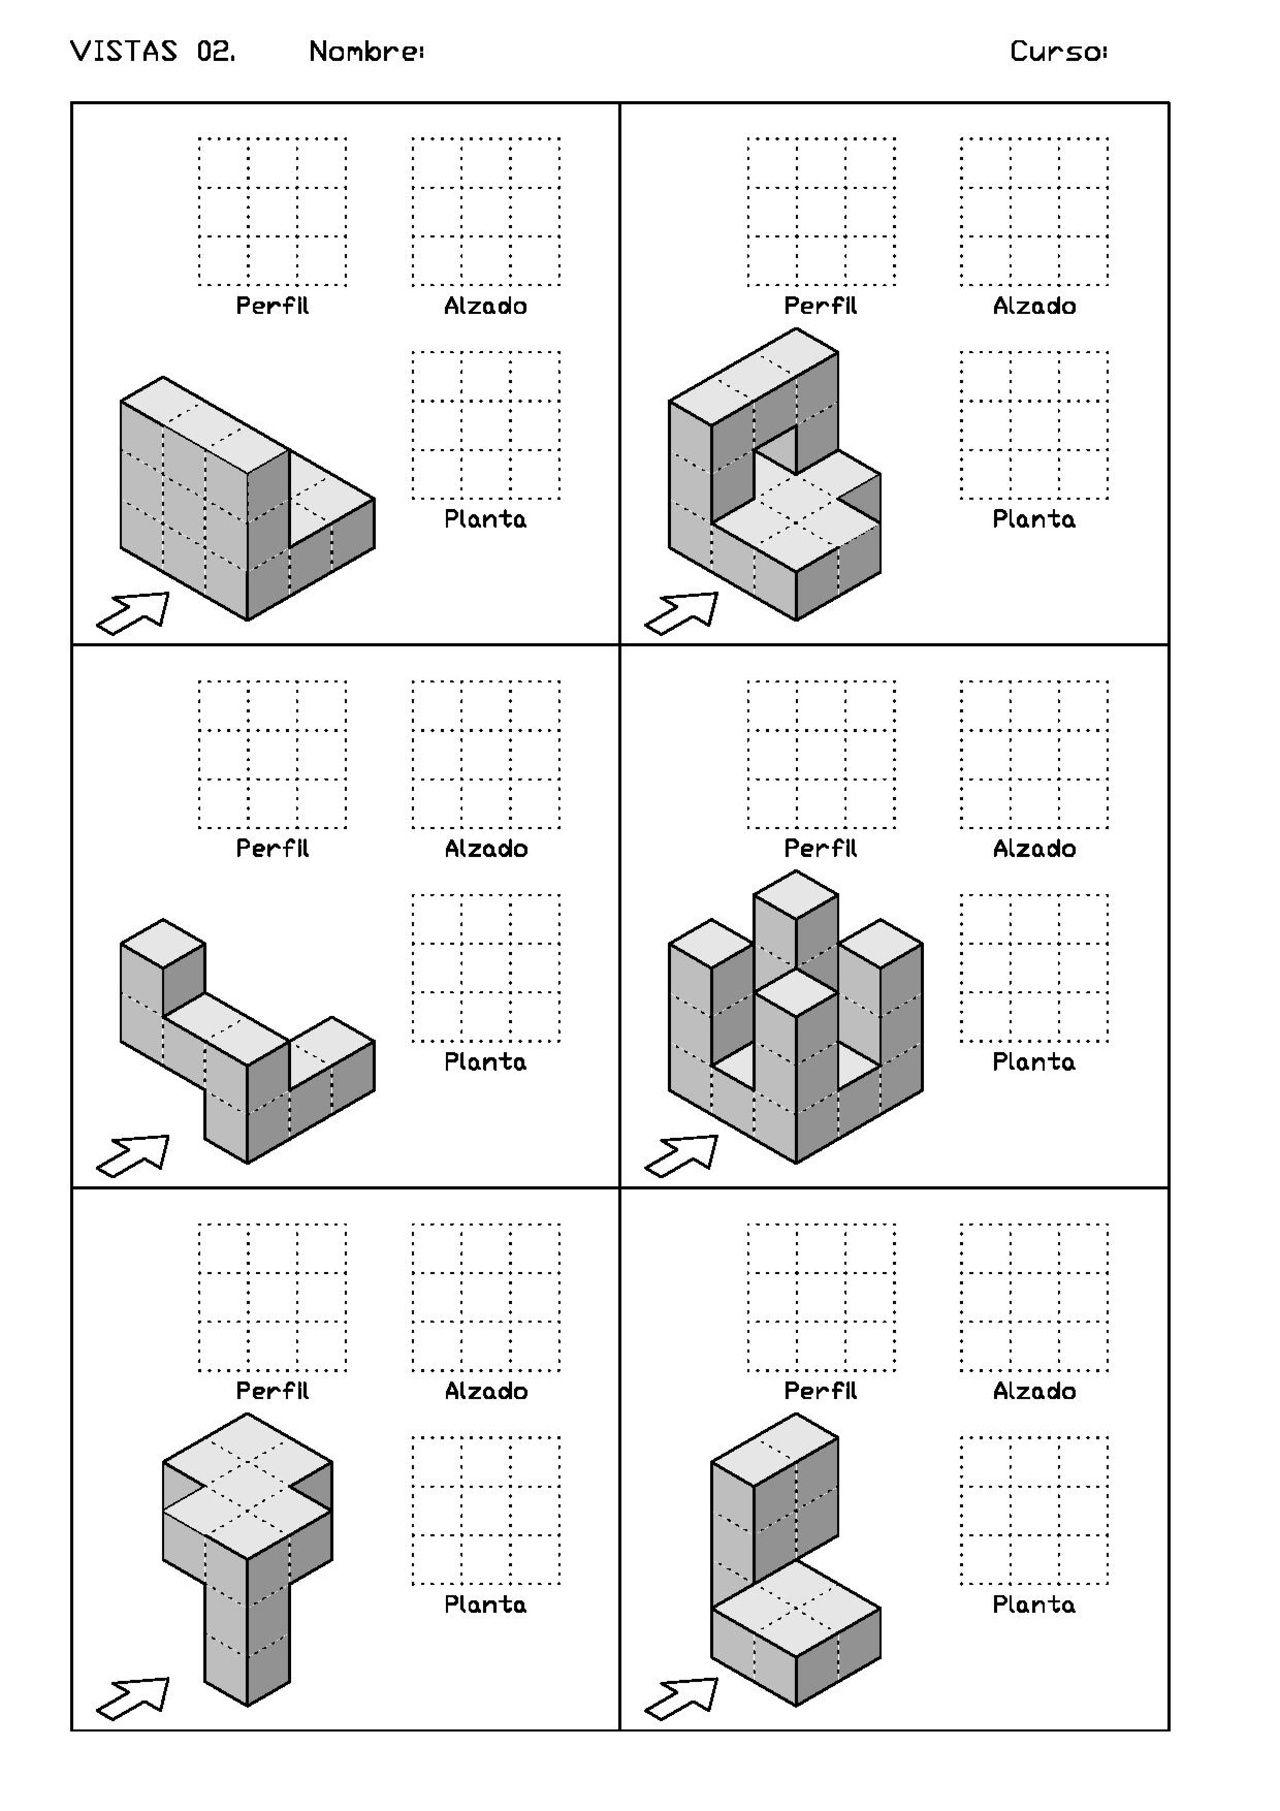 Ejercicios De Vistas Y Perspectivas Alzado Izquierdo Piezas Con Vistas Ocultas Dibujos De Geometria Clases De Dibujo En Perspectiva Vistas Dibujo Tecnico